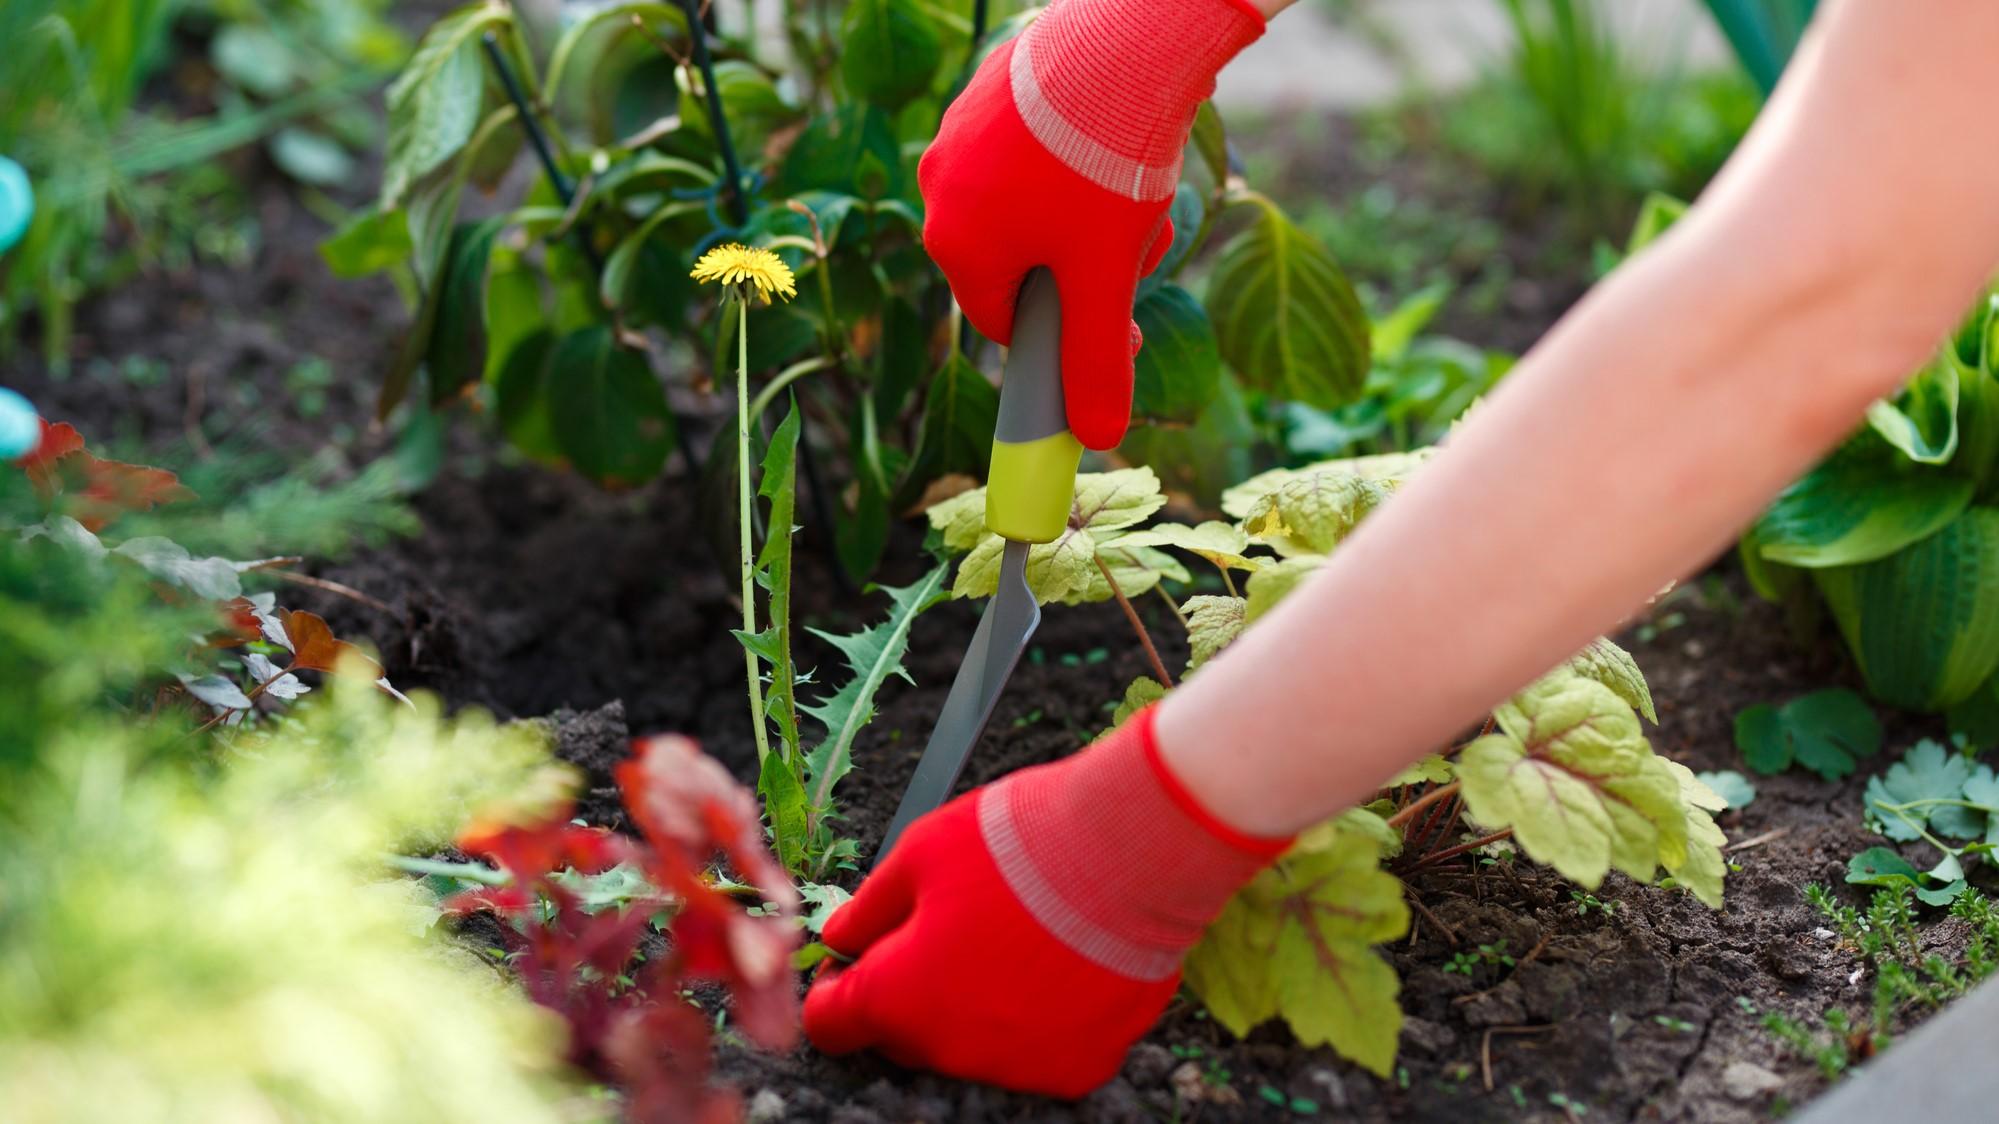 Natuurlijke onkruidverdelgers voor een mooie tuin zonder onkruid - Artikel.nl